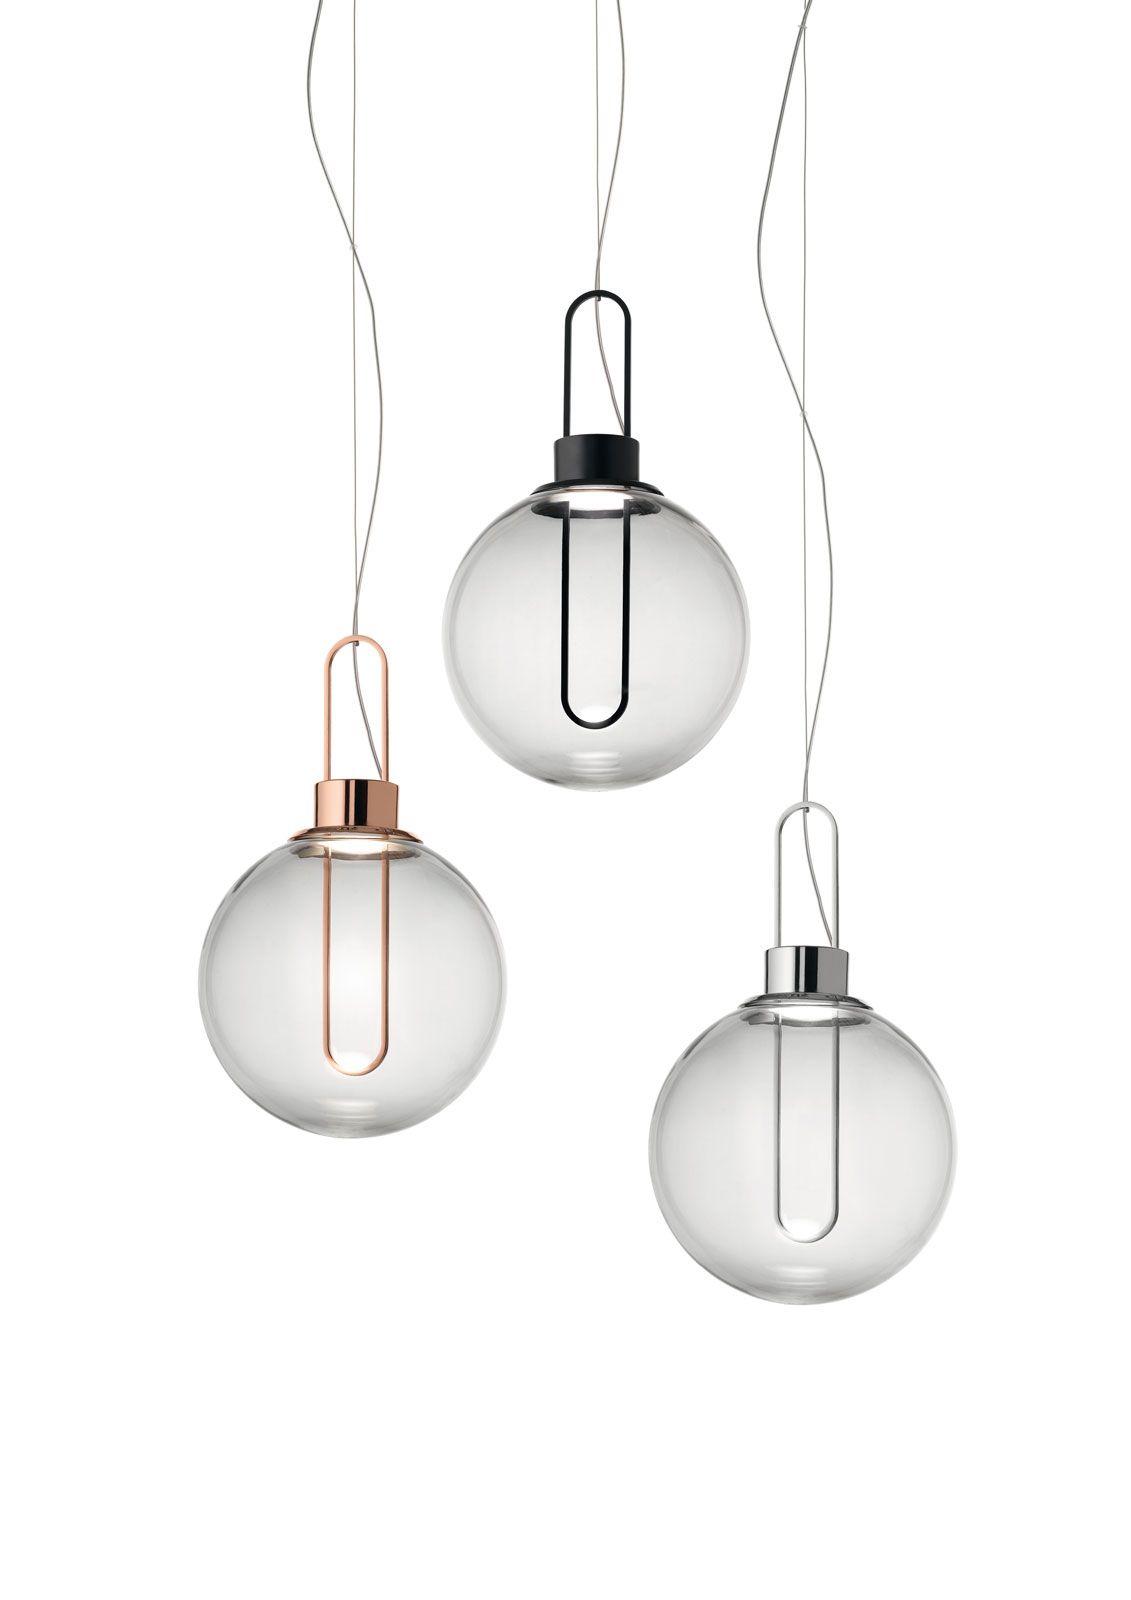 Lampade Sospensione A Grappolo euroluce 2015: lampadari a sospensione al salone del mobile